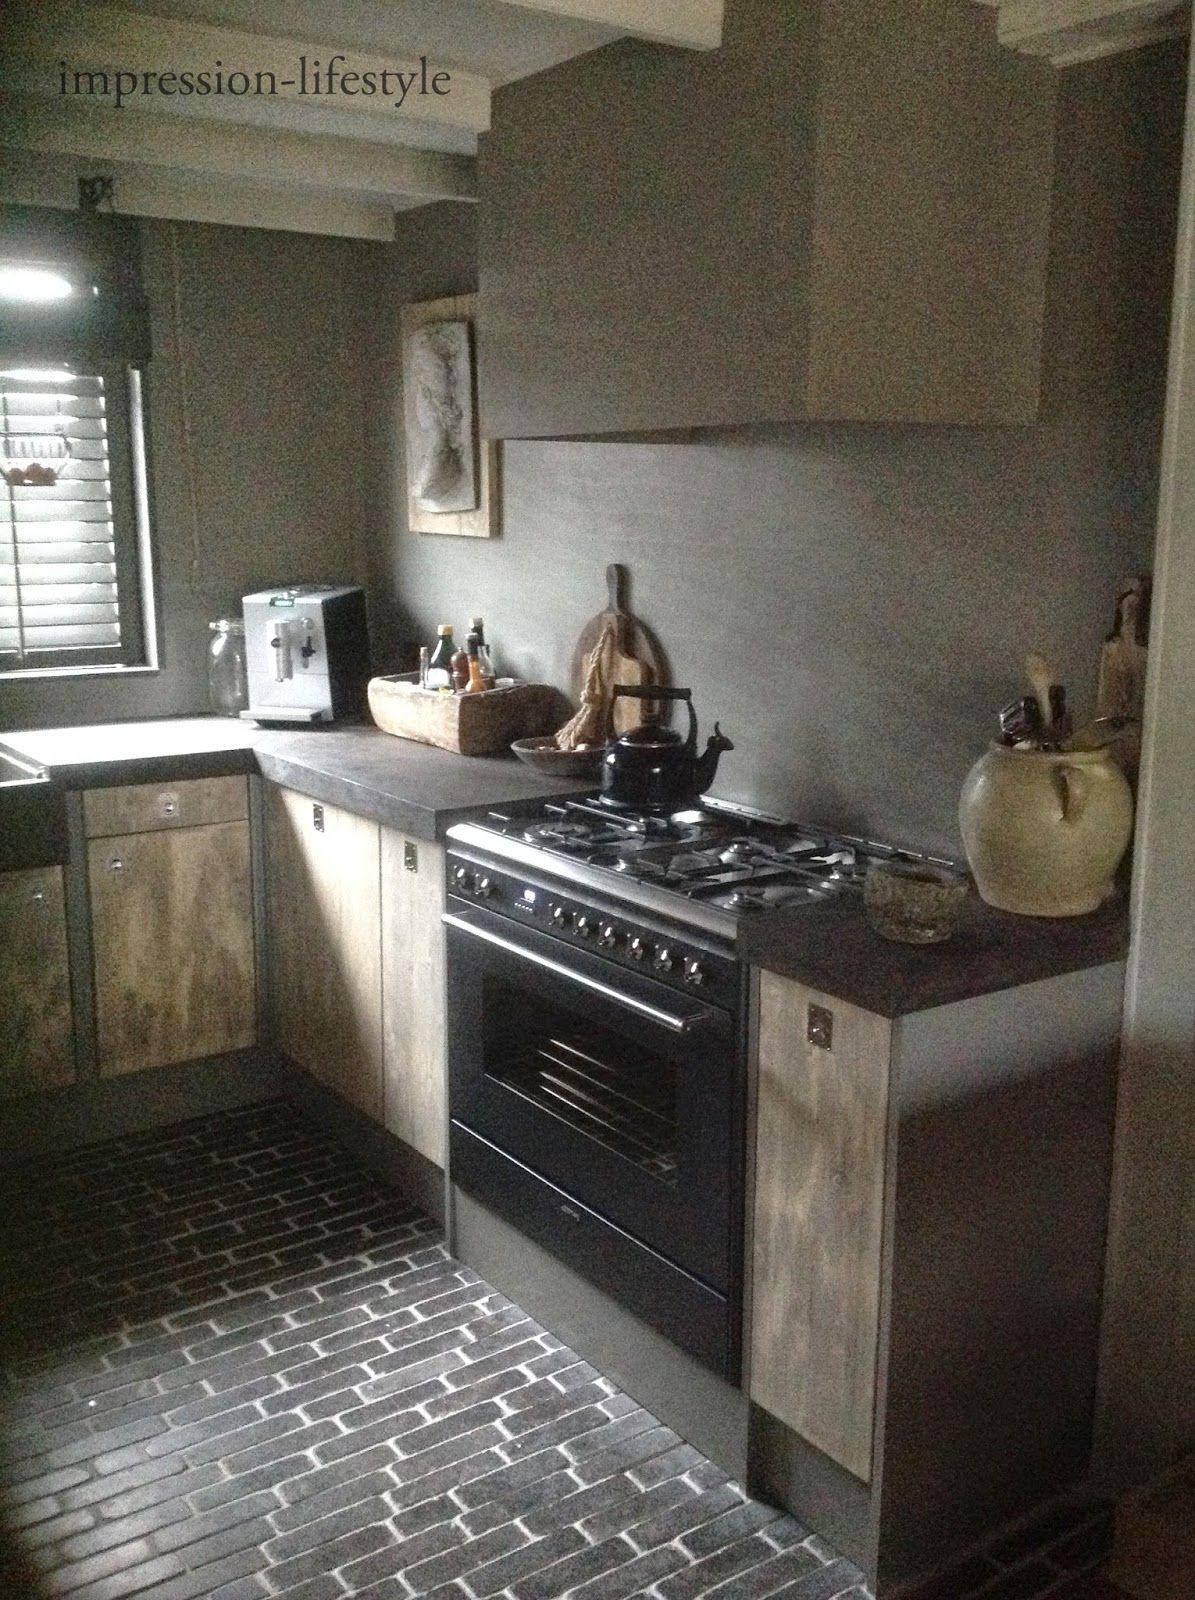 Muren en schouw kleur als carte colori verf idee n pinterest - Decoratie van keukens ...